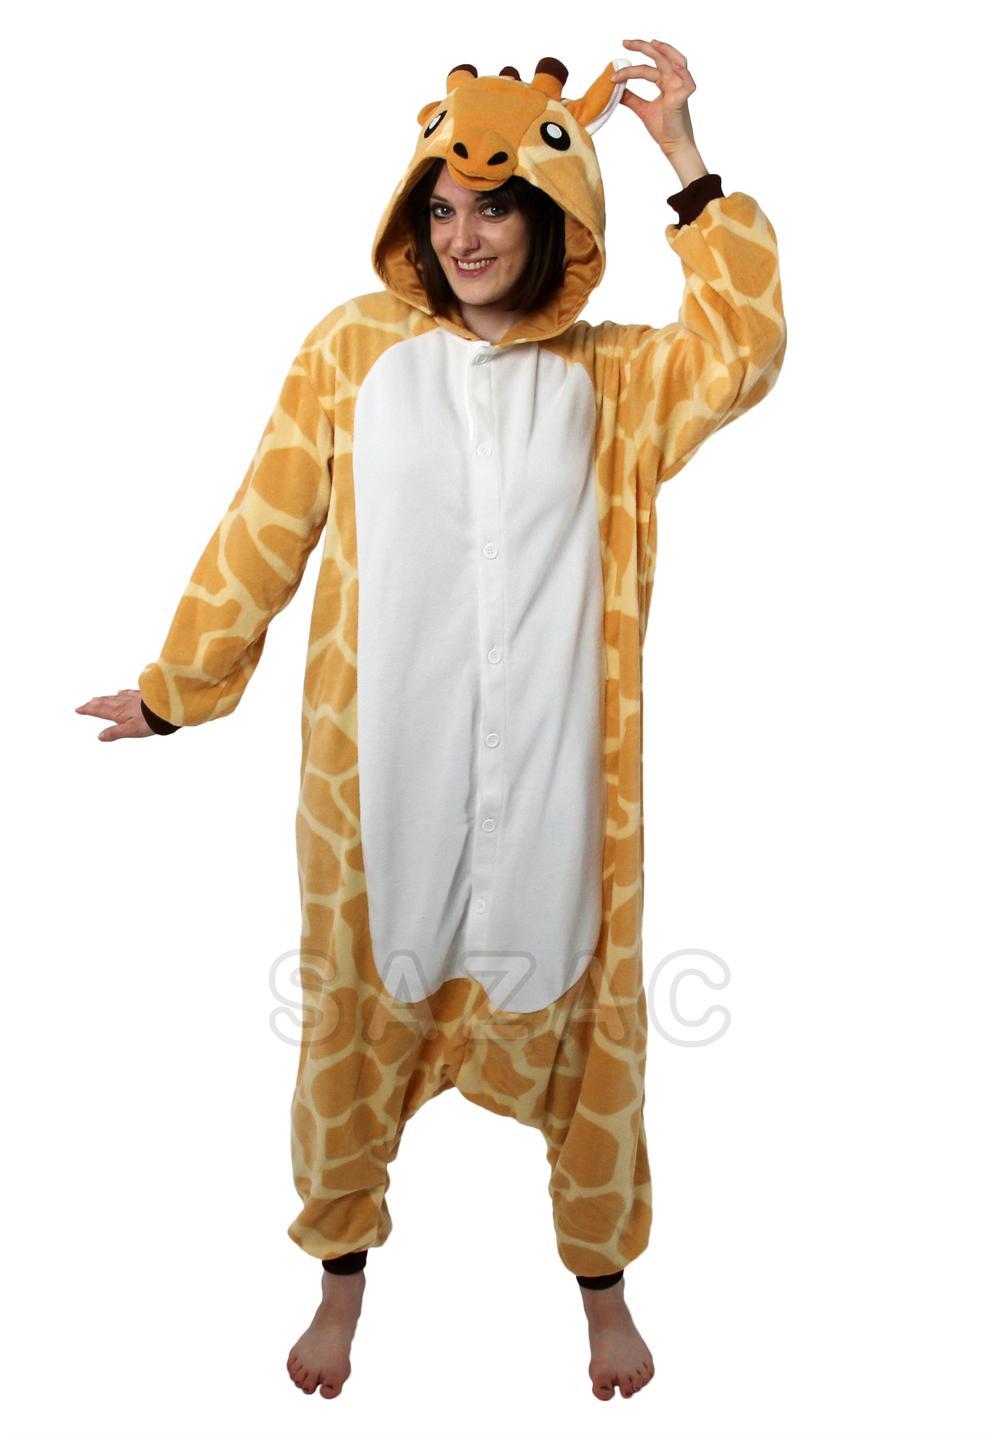 Kigurumi Shop | Giraffe Kigurumi - Animal Onesies & Animal Pajamas by Sazac